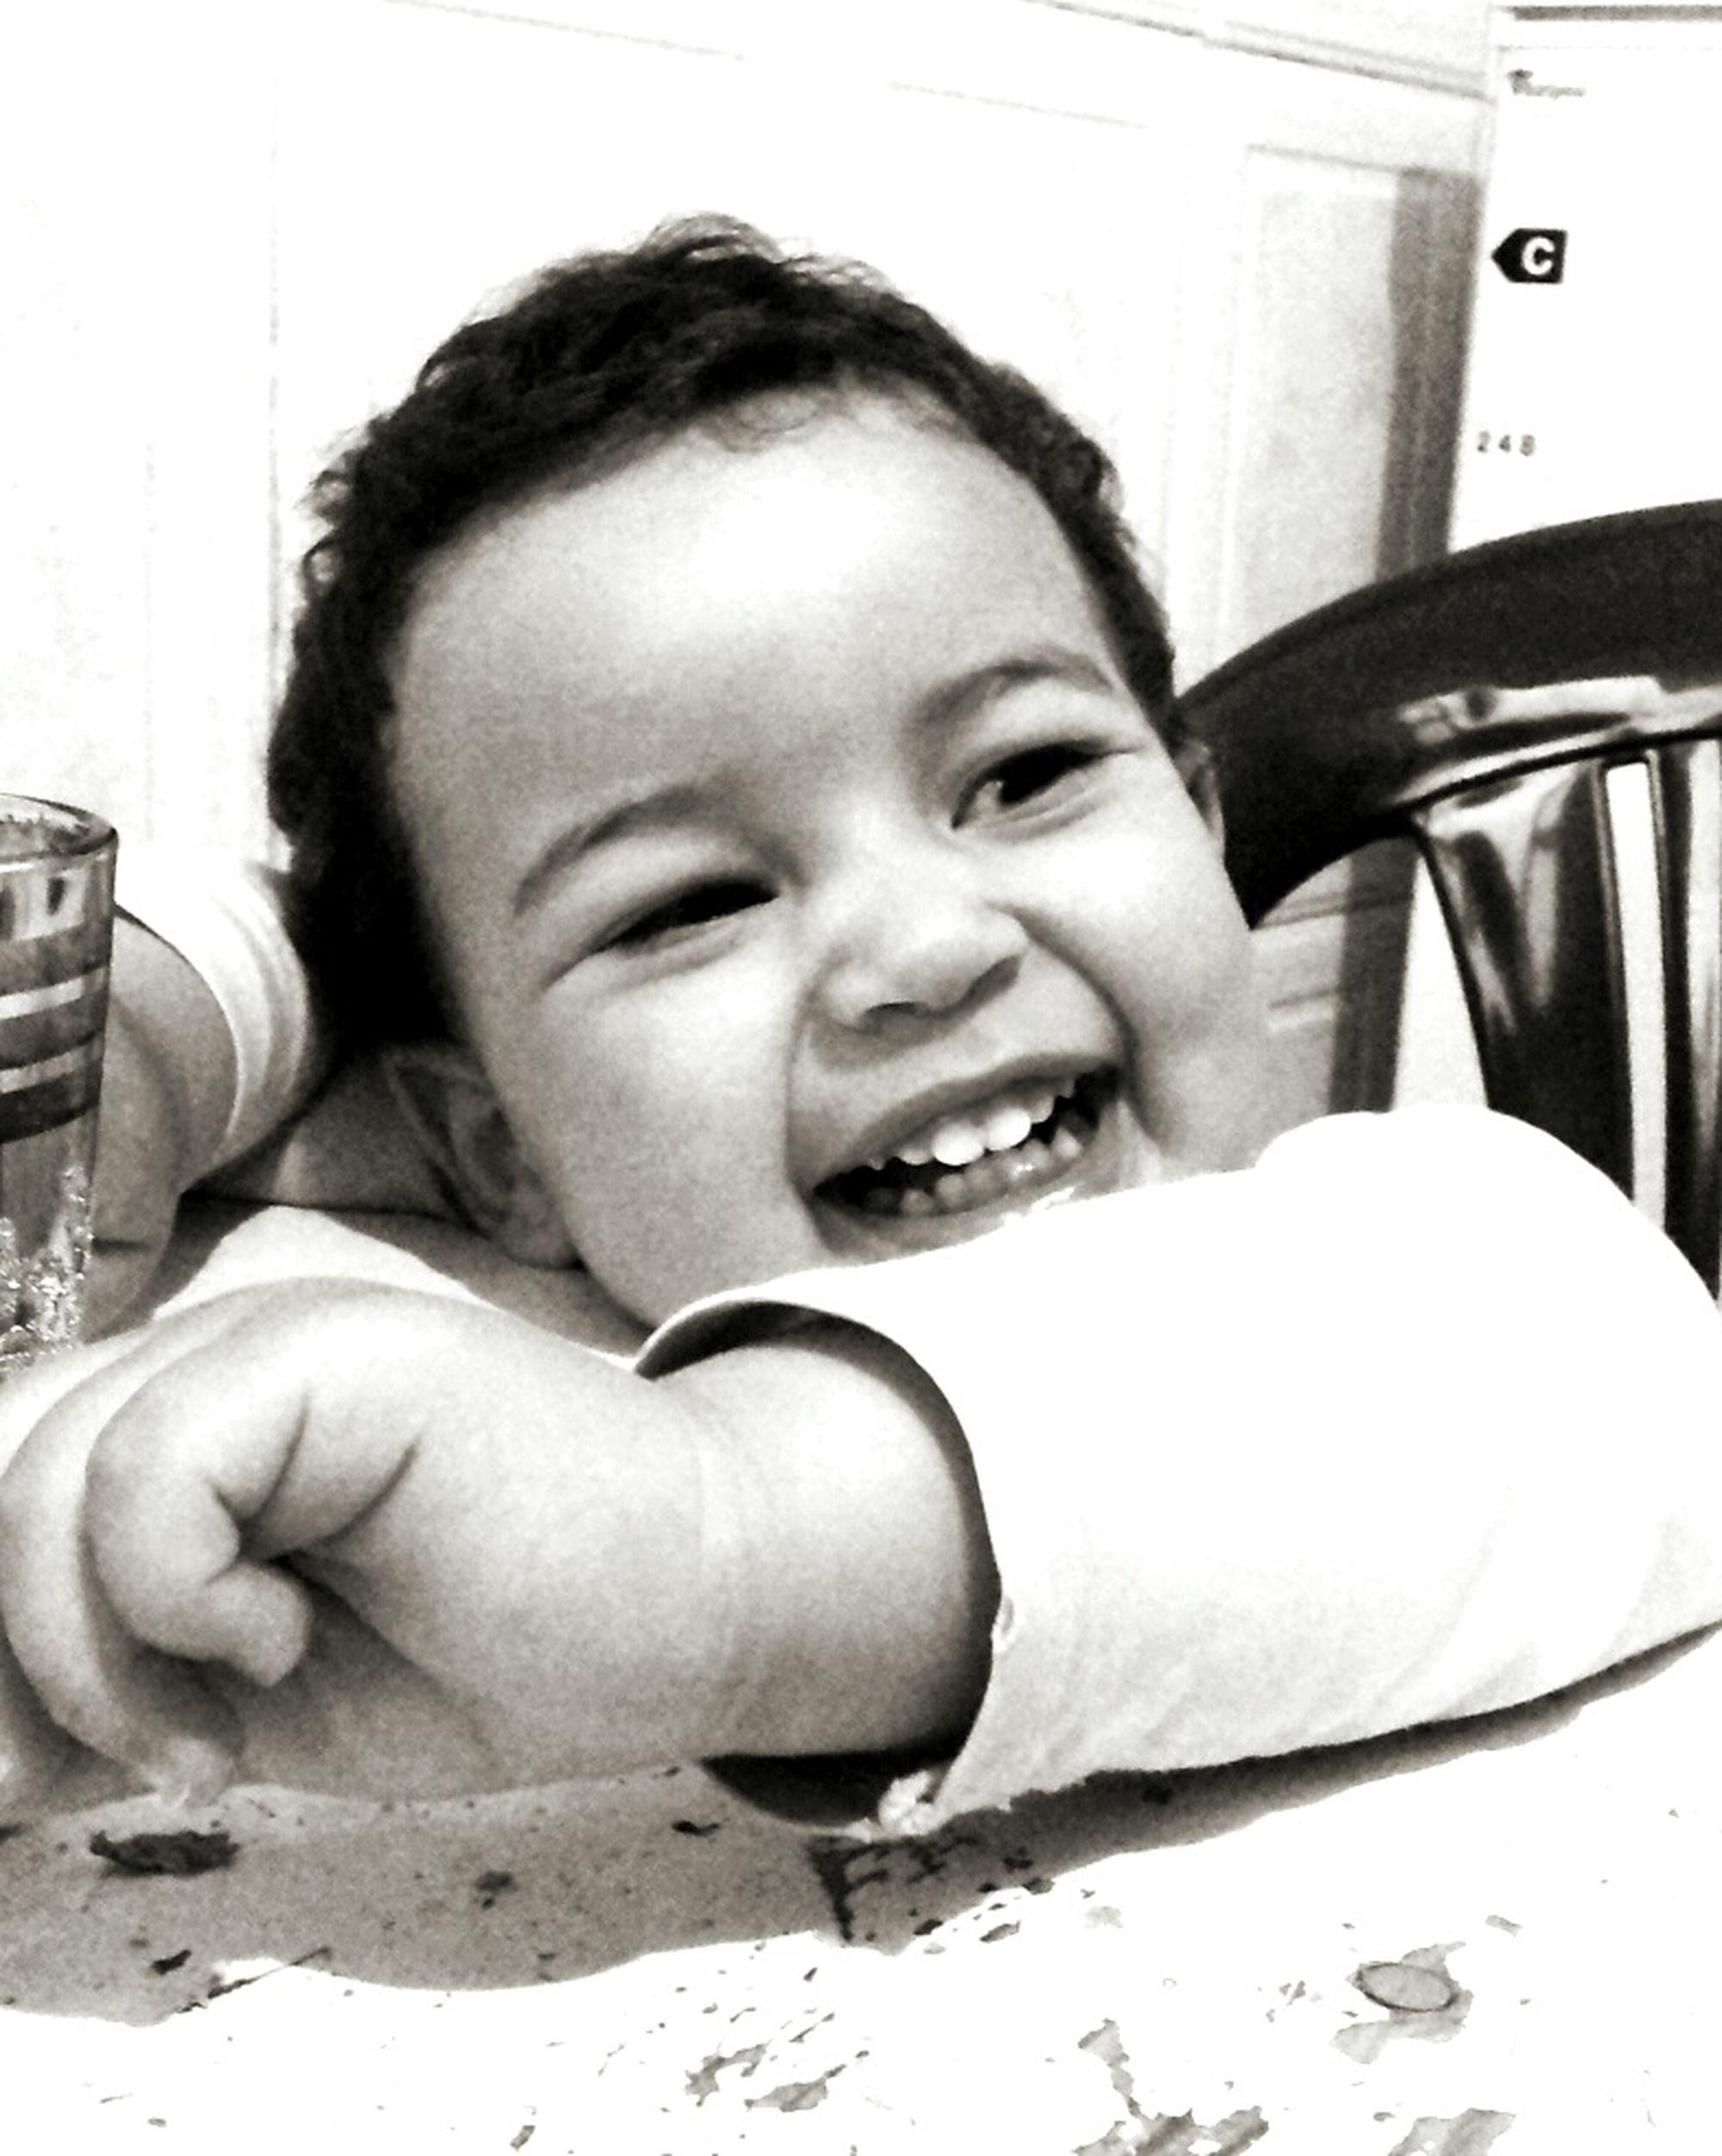 Babe Smiling